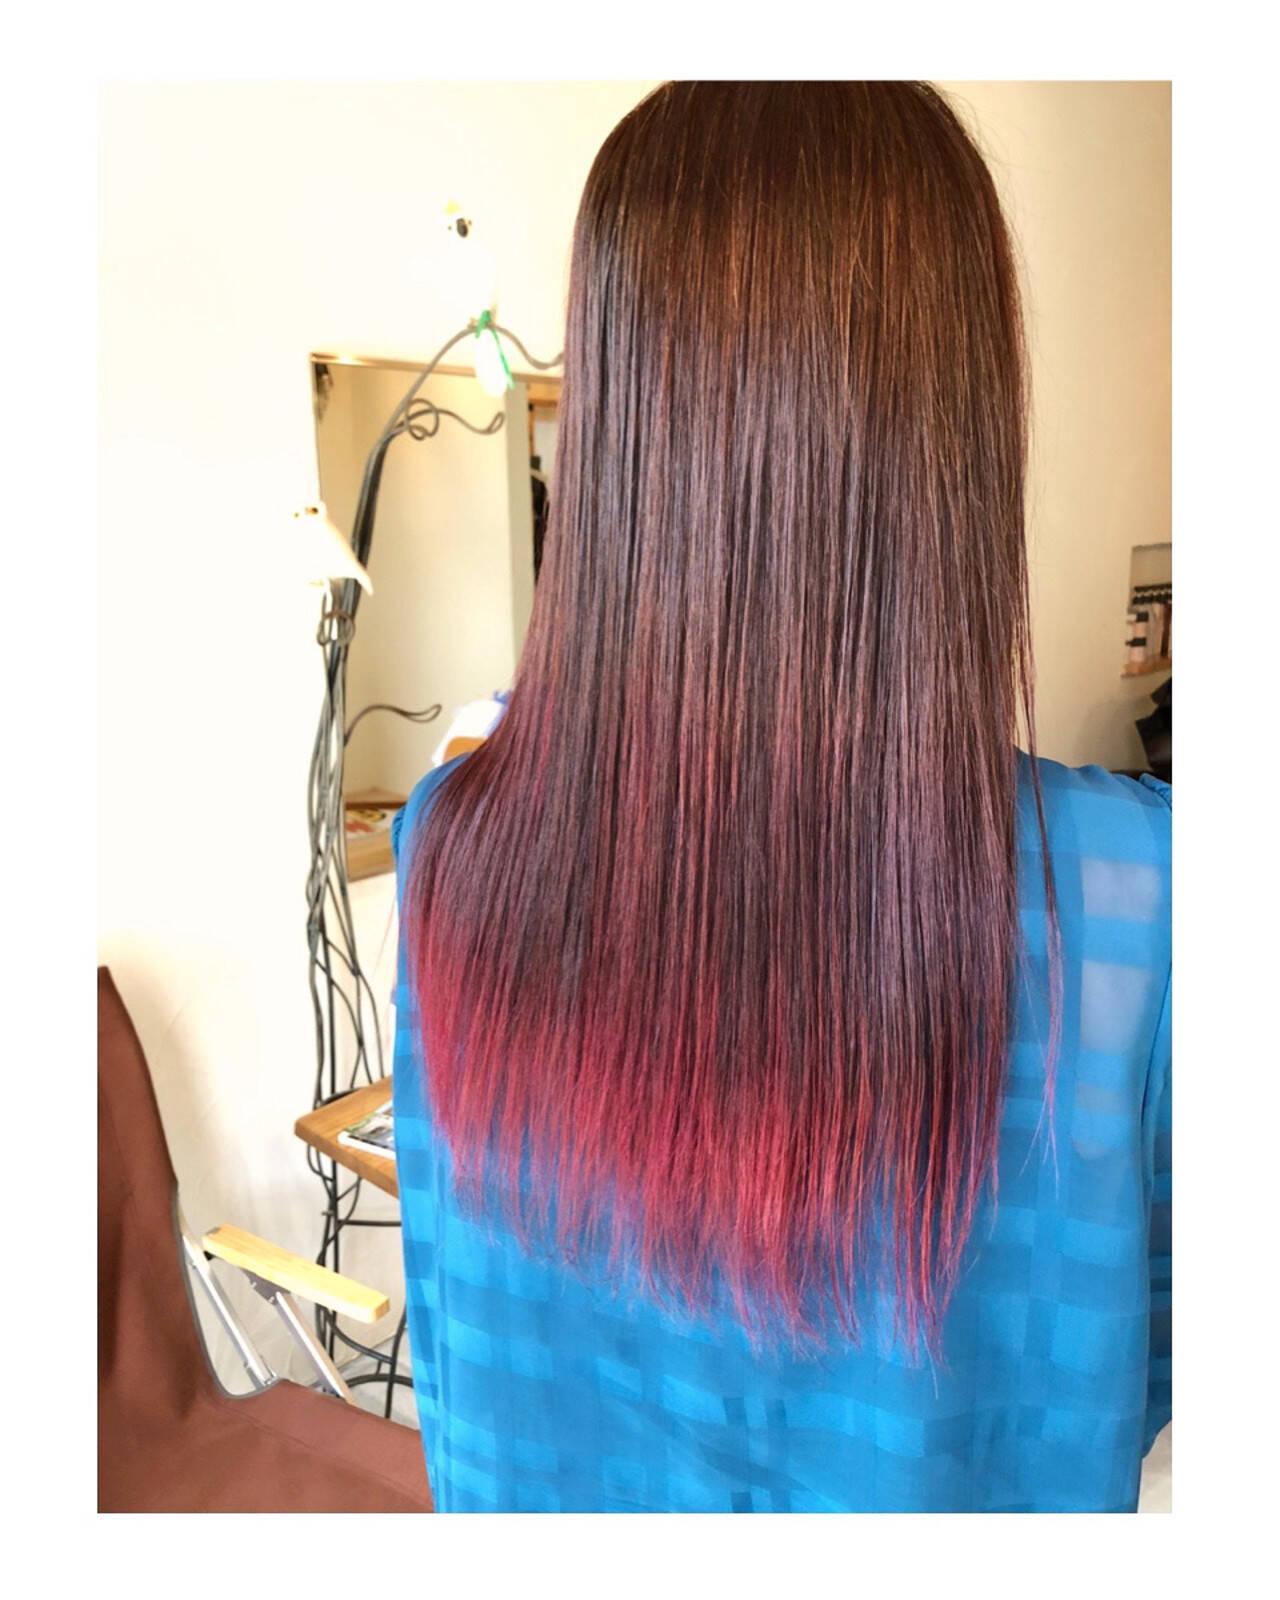 ダブルカラー ヘアカラー ロング レッドカラーヘアスタイルや髪型の写真・画像